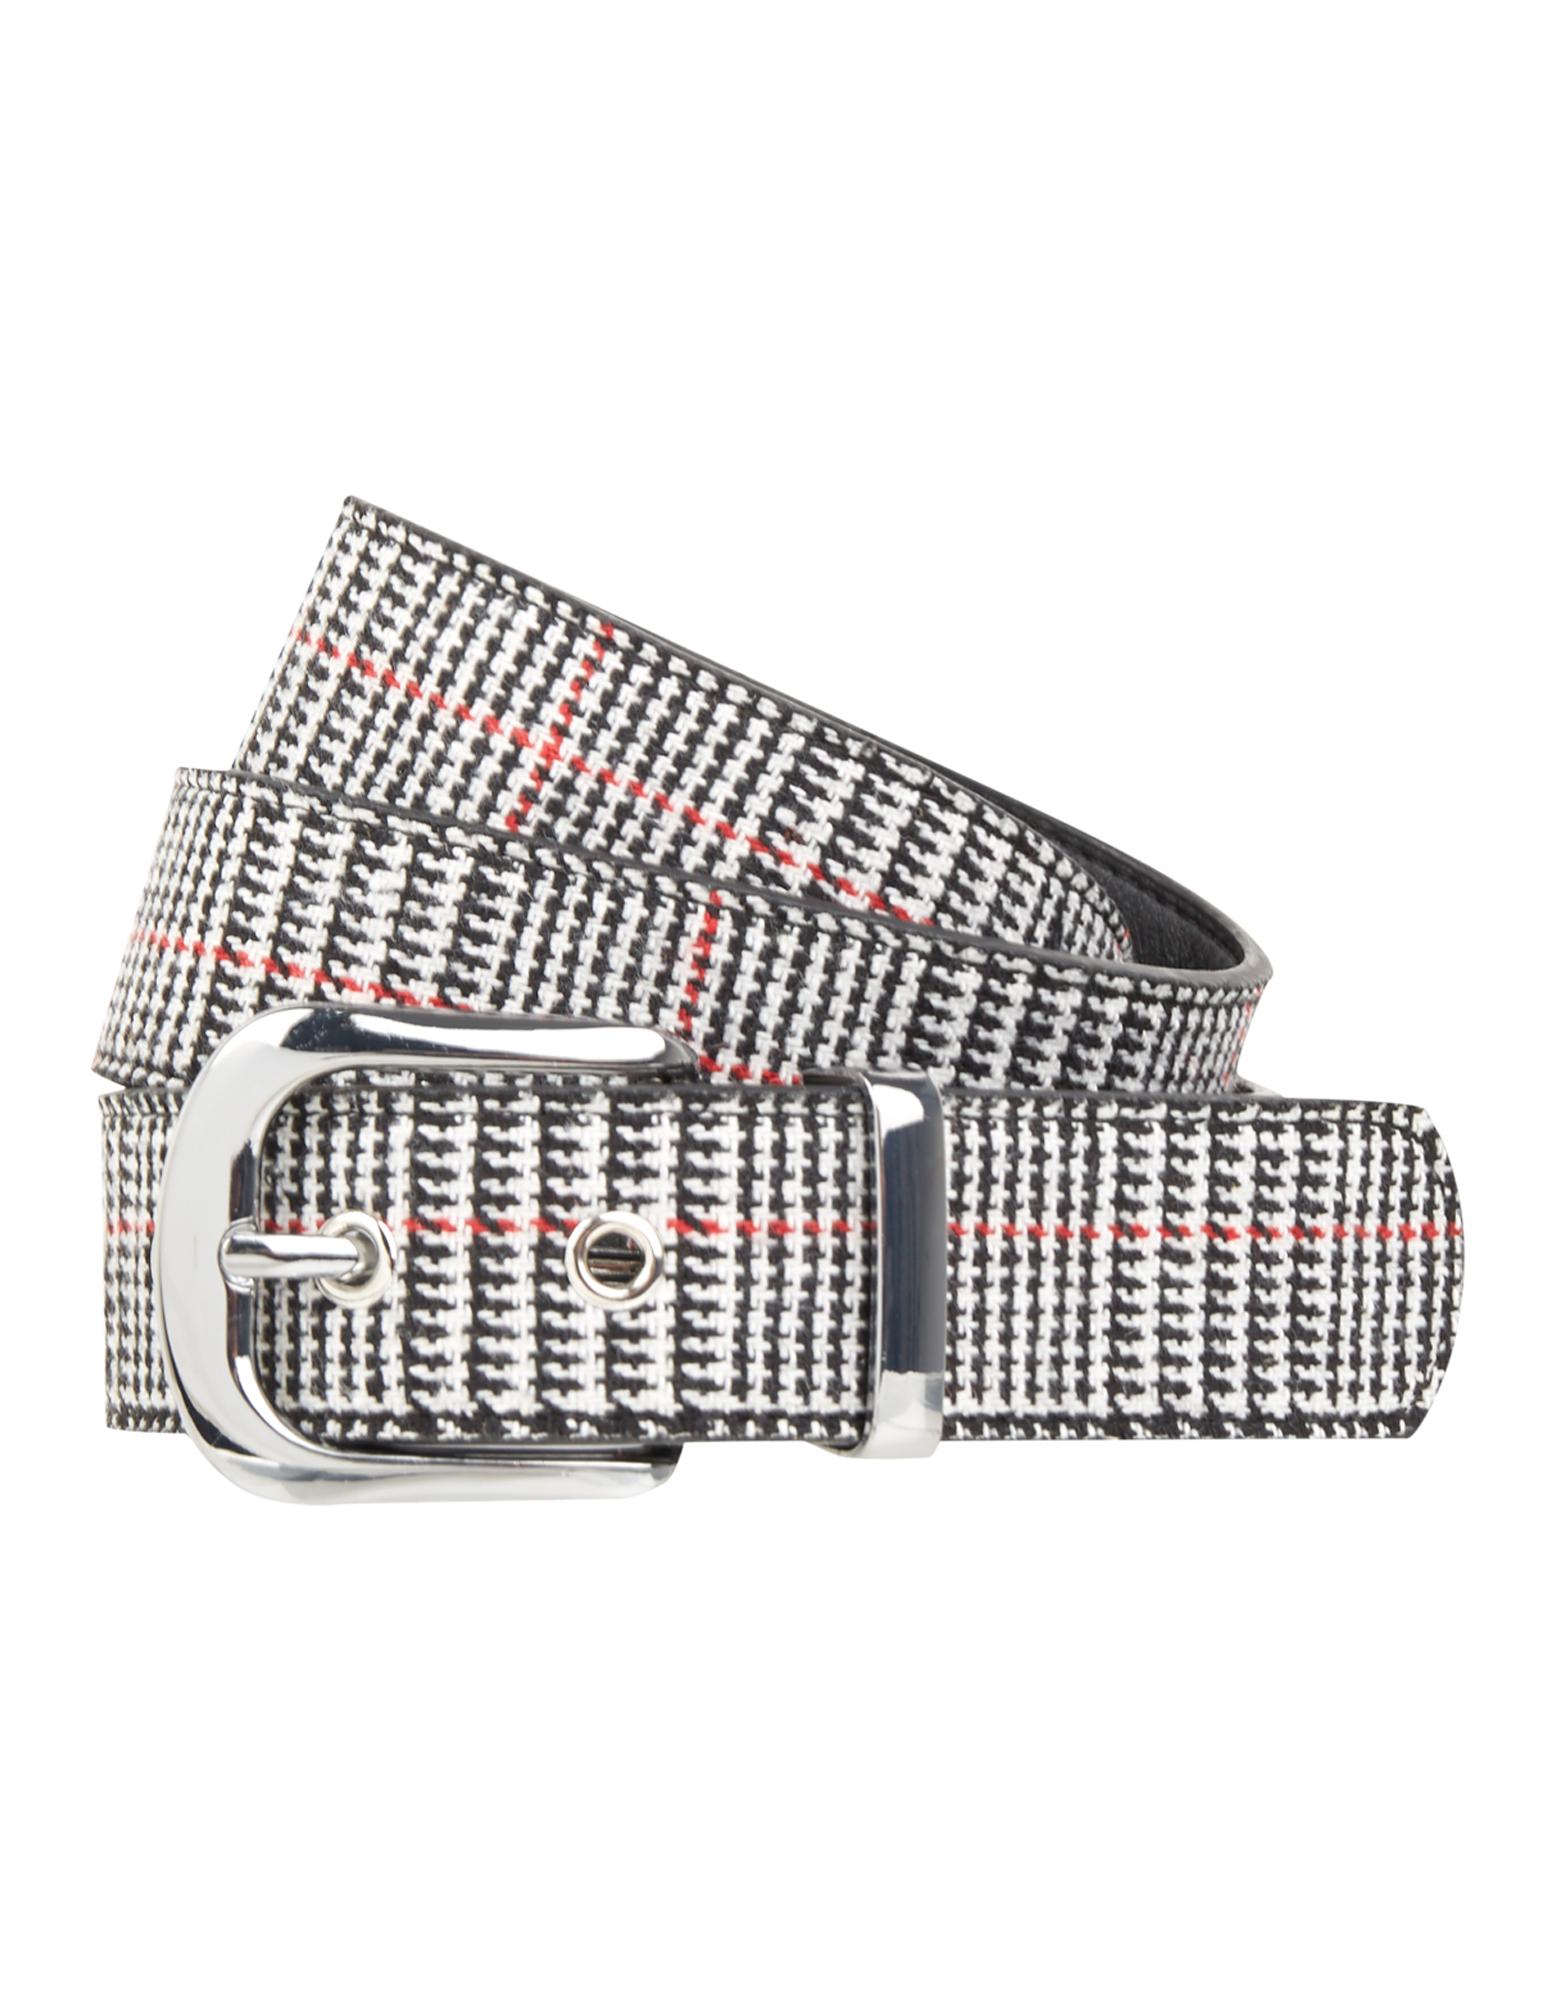 Damen Gürtel mit Pepita-Muster | Accessoires > Gürtel | Weiß | Takko